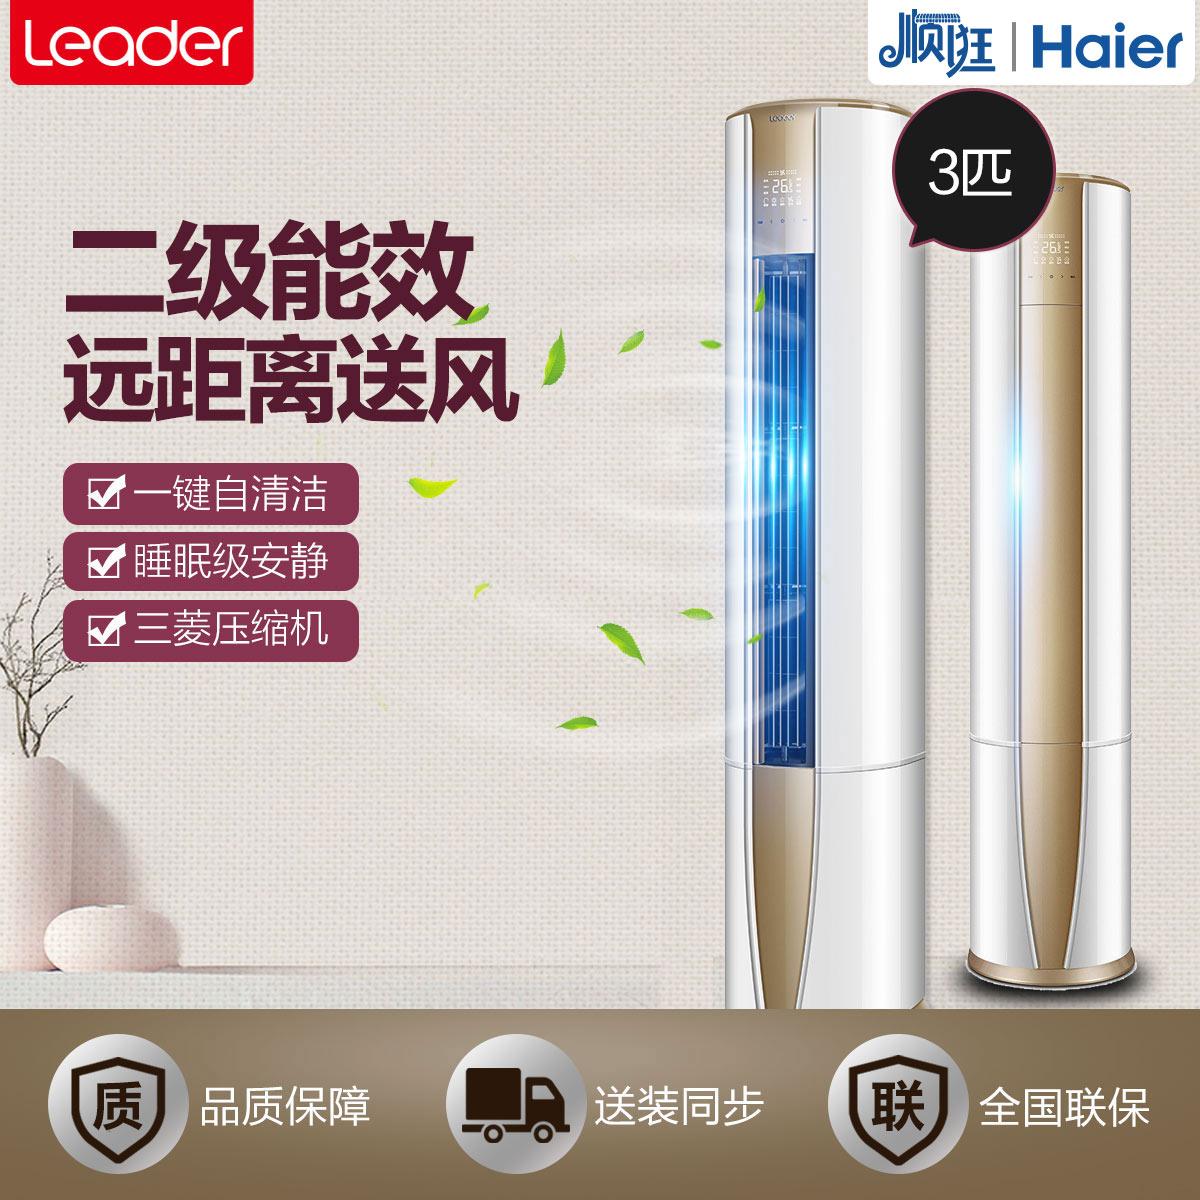 一键HOME更舒心,倍速暖房,二级能效更省电,智能物联。 KFR-72LW/09PAQ22ATU1套机 3匹智能变频空调/二级能效/智能物联